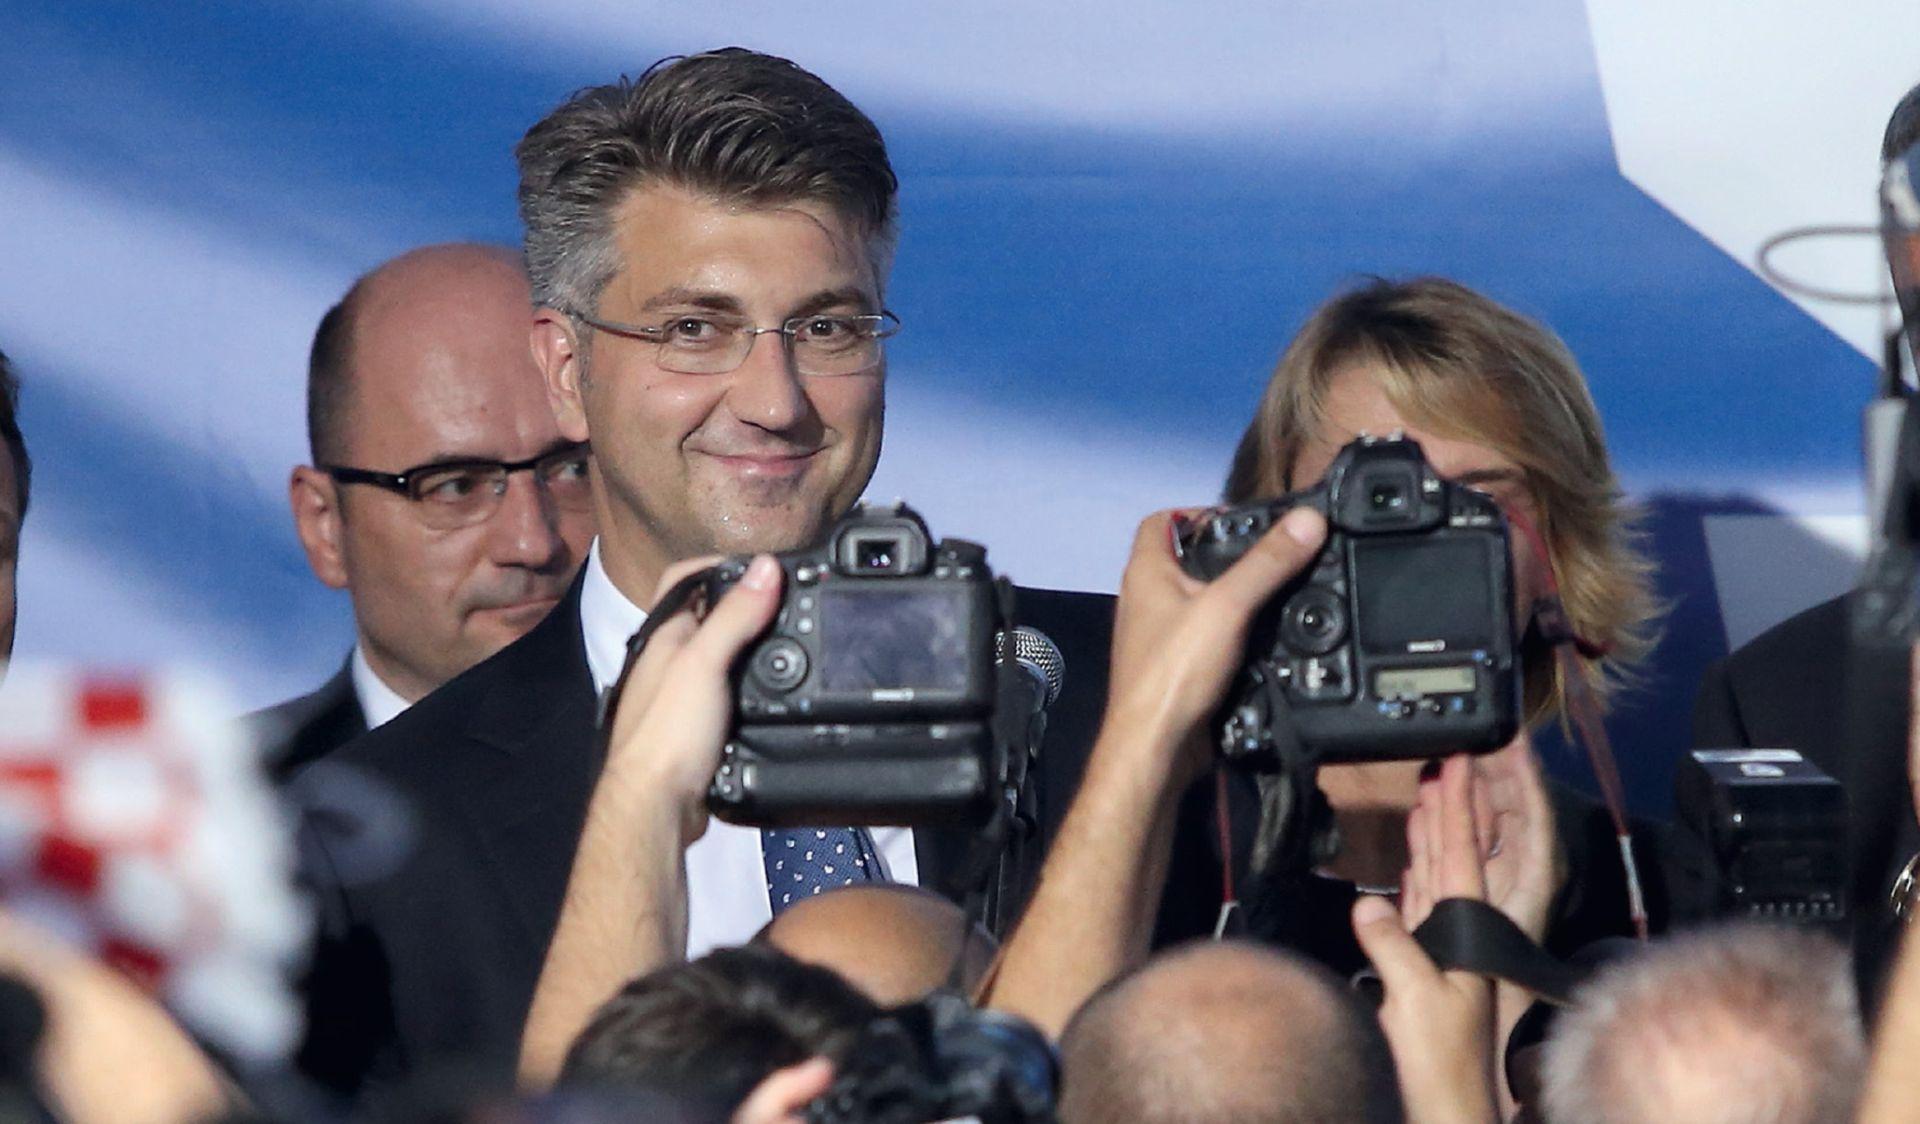 'Brkić je HDZ-u nepodnošljiv teret, milje koji ga okružuje je mafija'